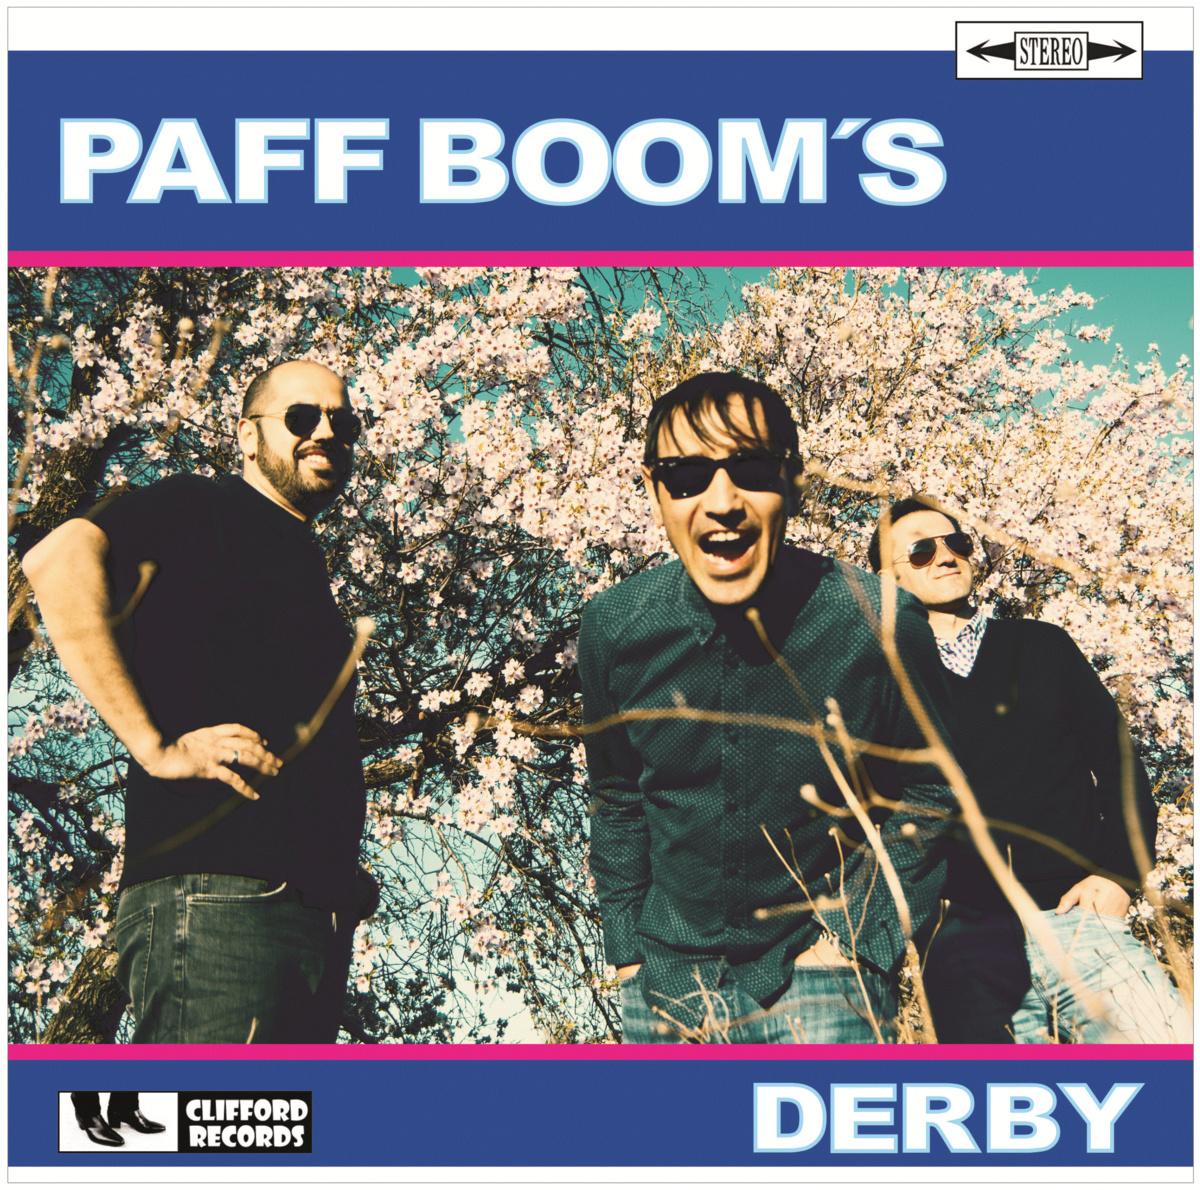 portada del album Derby